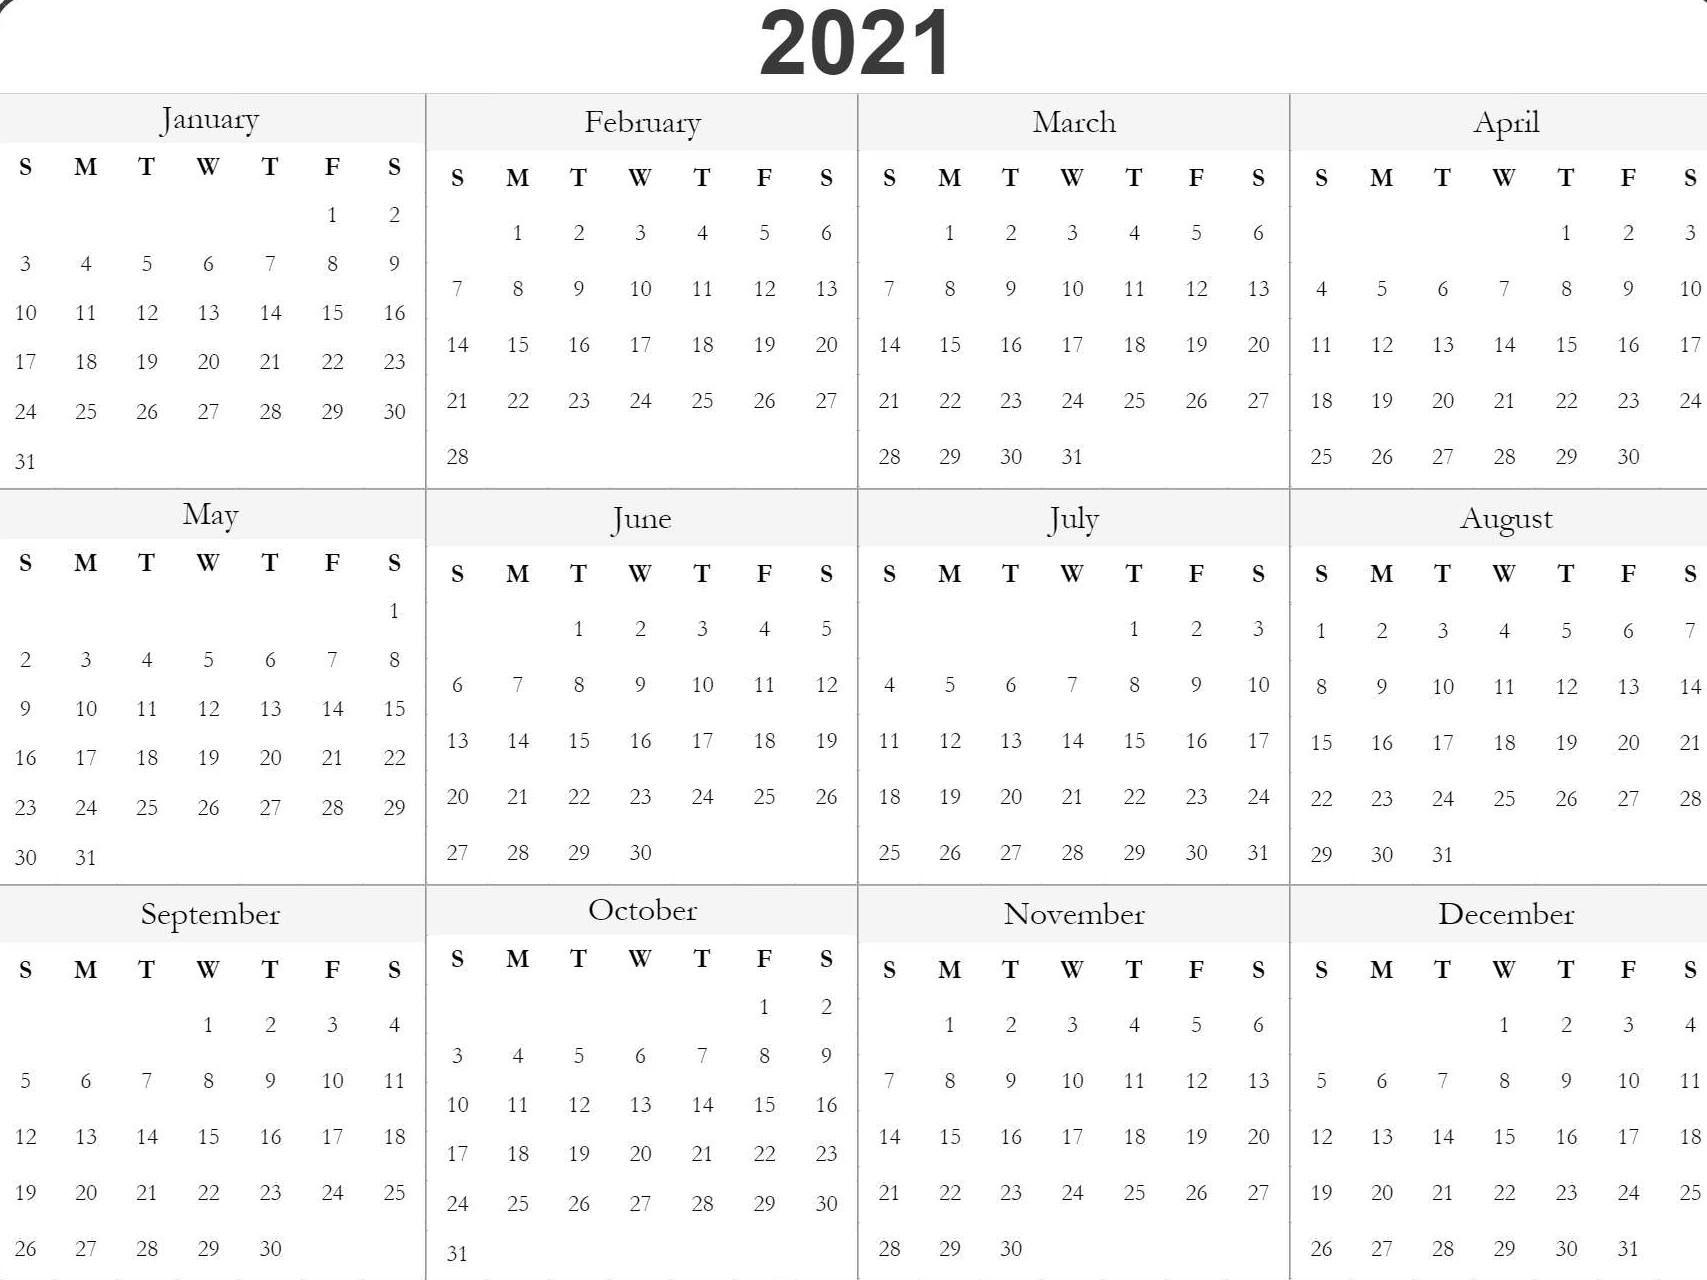 Blank Printable 2021 Calendar Template In 2020 | Calendar